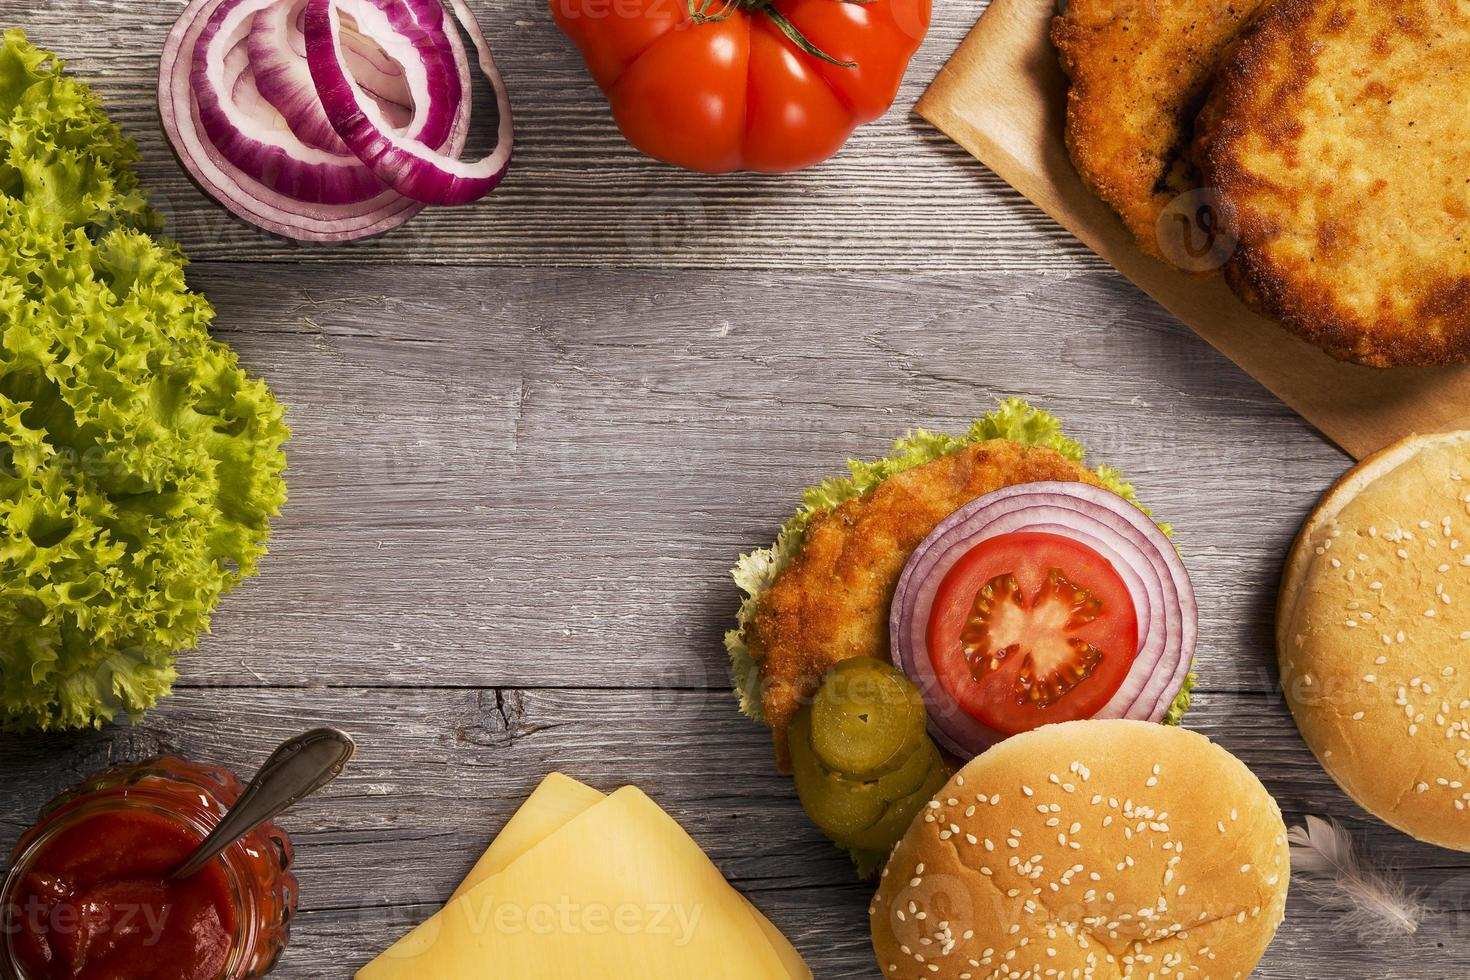 Hühnerburger mit Käse, Salat, Tomate und Zwiebel foto